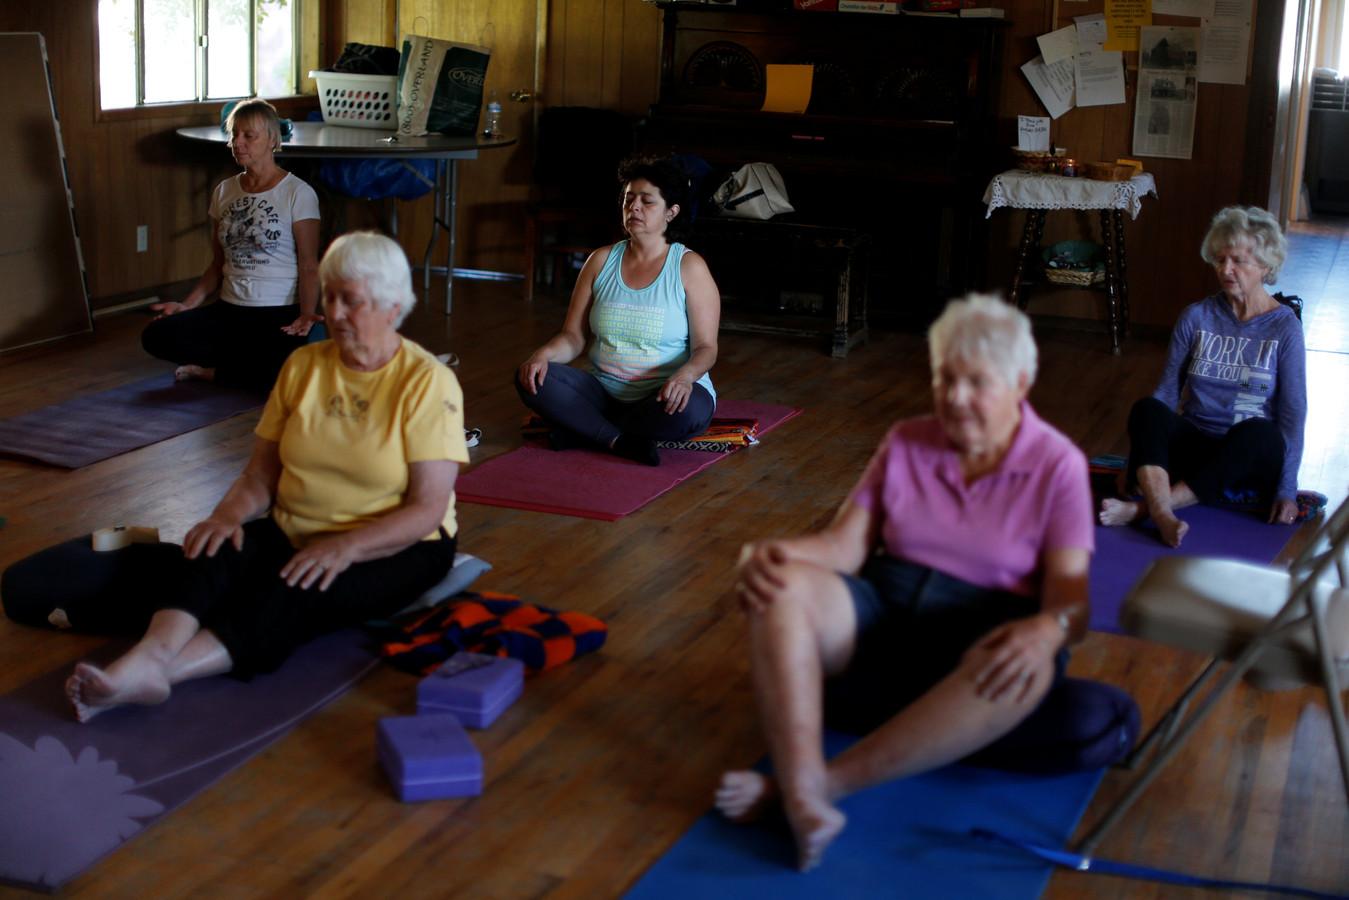 Vitalis wilde doen voorkomen alsof yogalessen en massages voortaan zouden worden vergoed door de zorgverzekering.